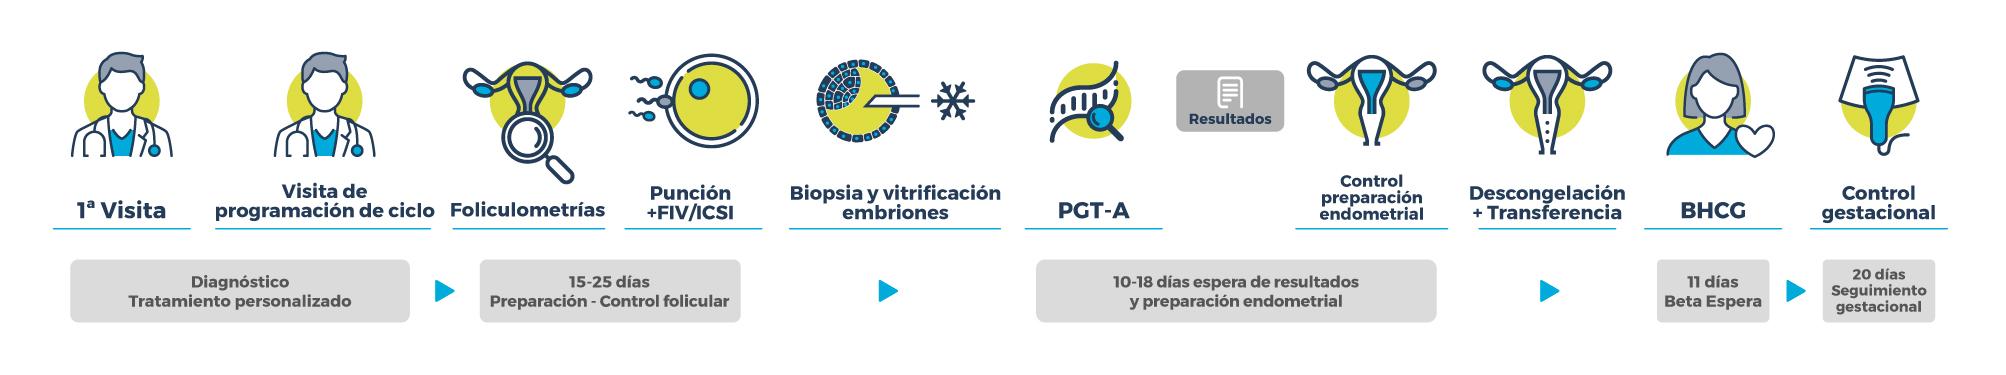 Procedimiento FECUNDACIÓN IN VITRO CON SCREENING GENÉTICO PREIMPLANTACIONAL (PGT-A)